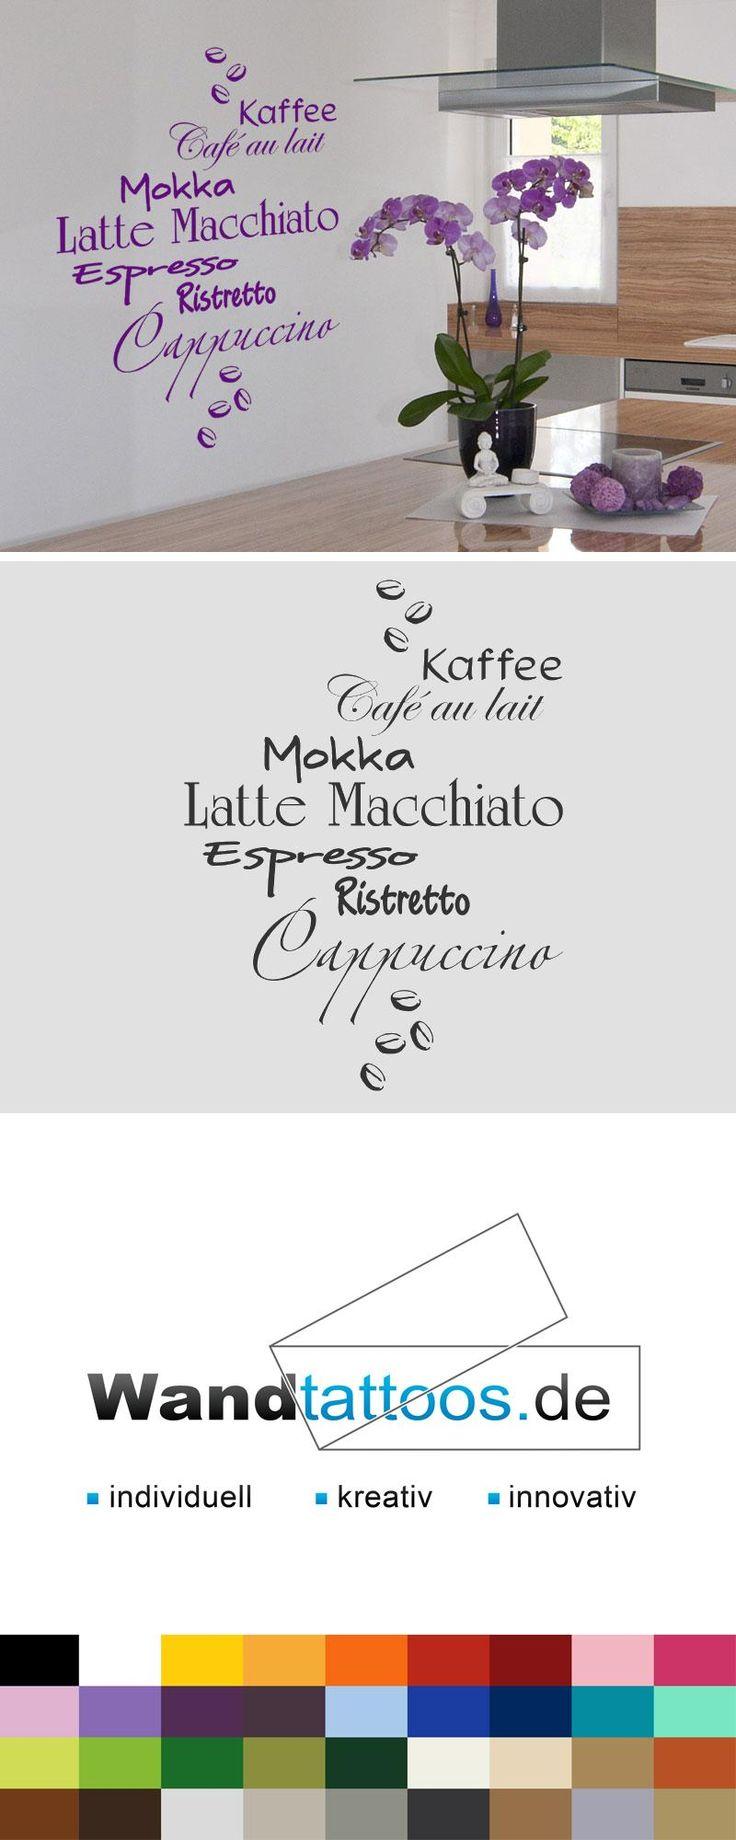 Wandtattoo Kaffeesorten mit Kaffeebohnen als Idee zur individuellen Wandgestaltung. Einfach Lieblingsfarbe und Größe auswählen. Weitere kreative Anregungen von Wandtattoos.de hier entdecken!